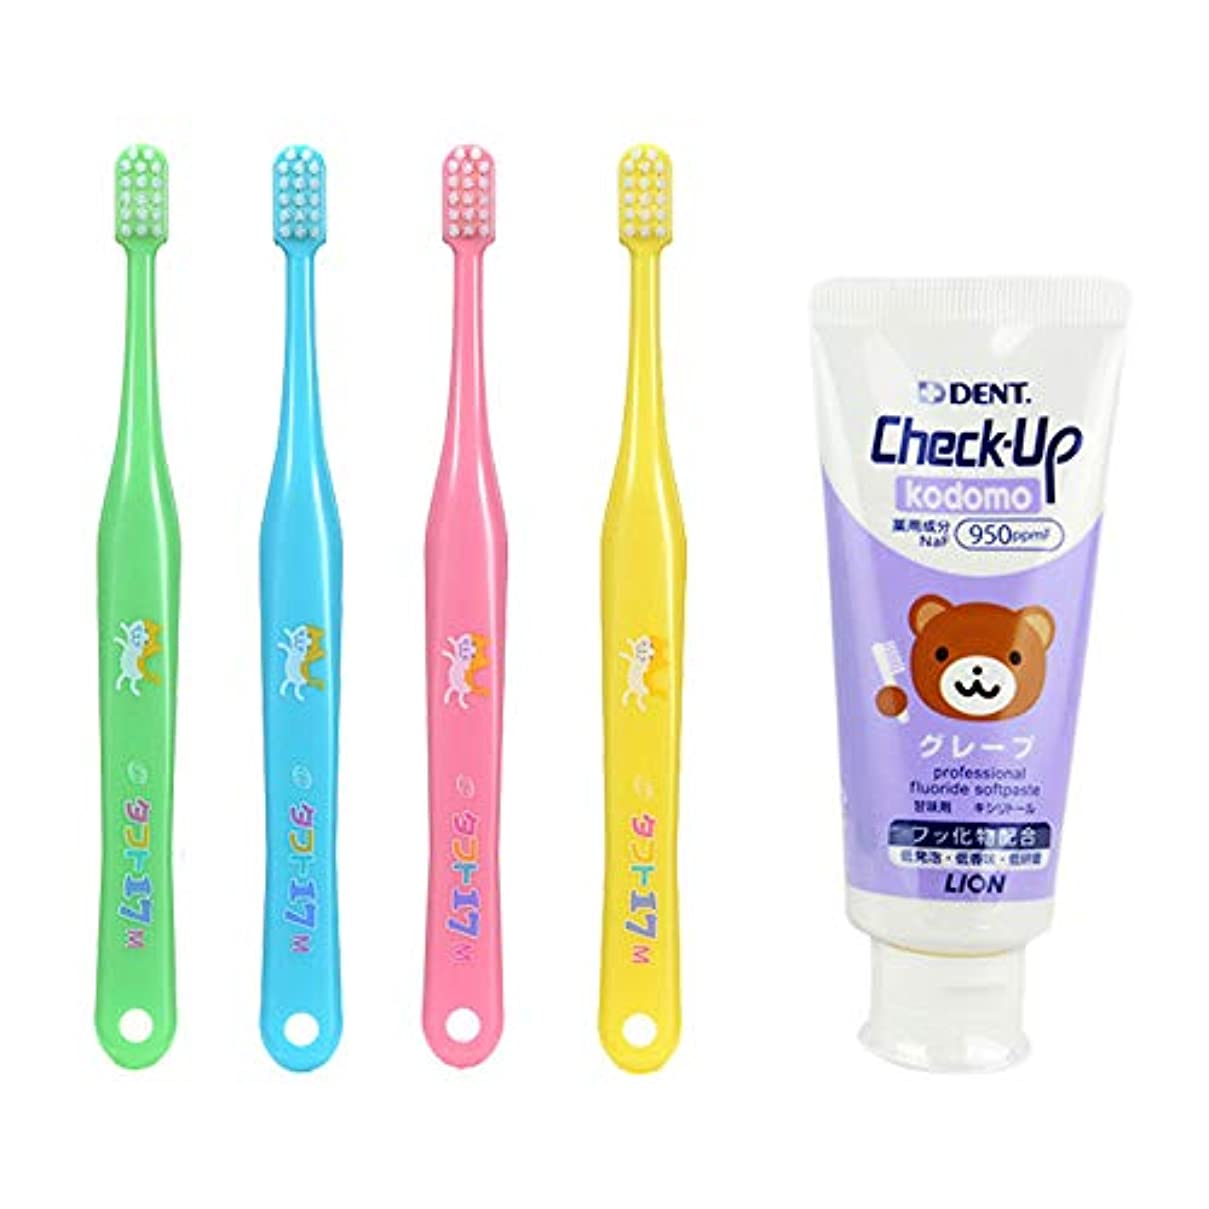 アナリスト有効化飢えタフト17 M(ふつう) 子ども 歯ブラシ 10本 + チェックアップ コドモ 60g (グレープ) 歯磨き粉 歯科専売品